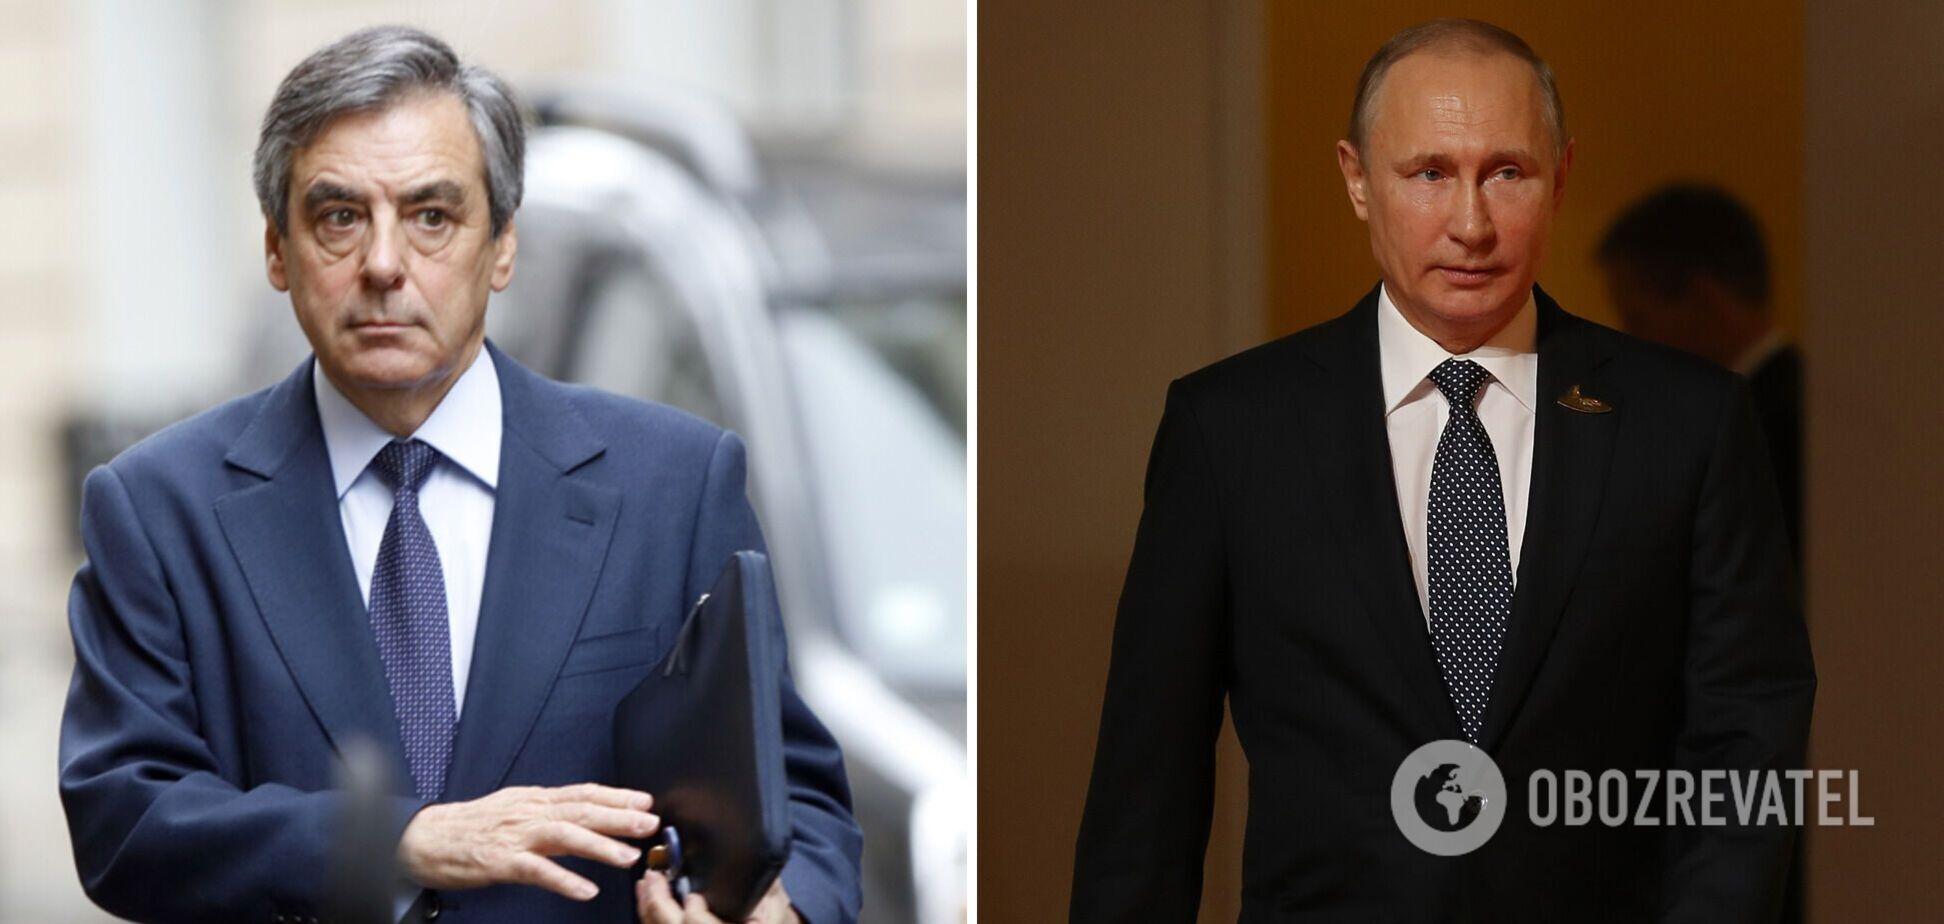 Продажа репутации, или Жадность к российским деньгам